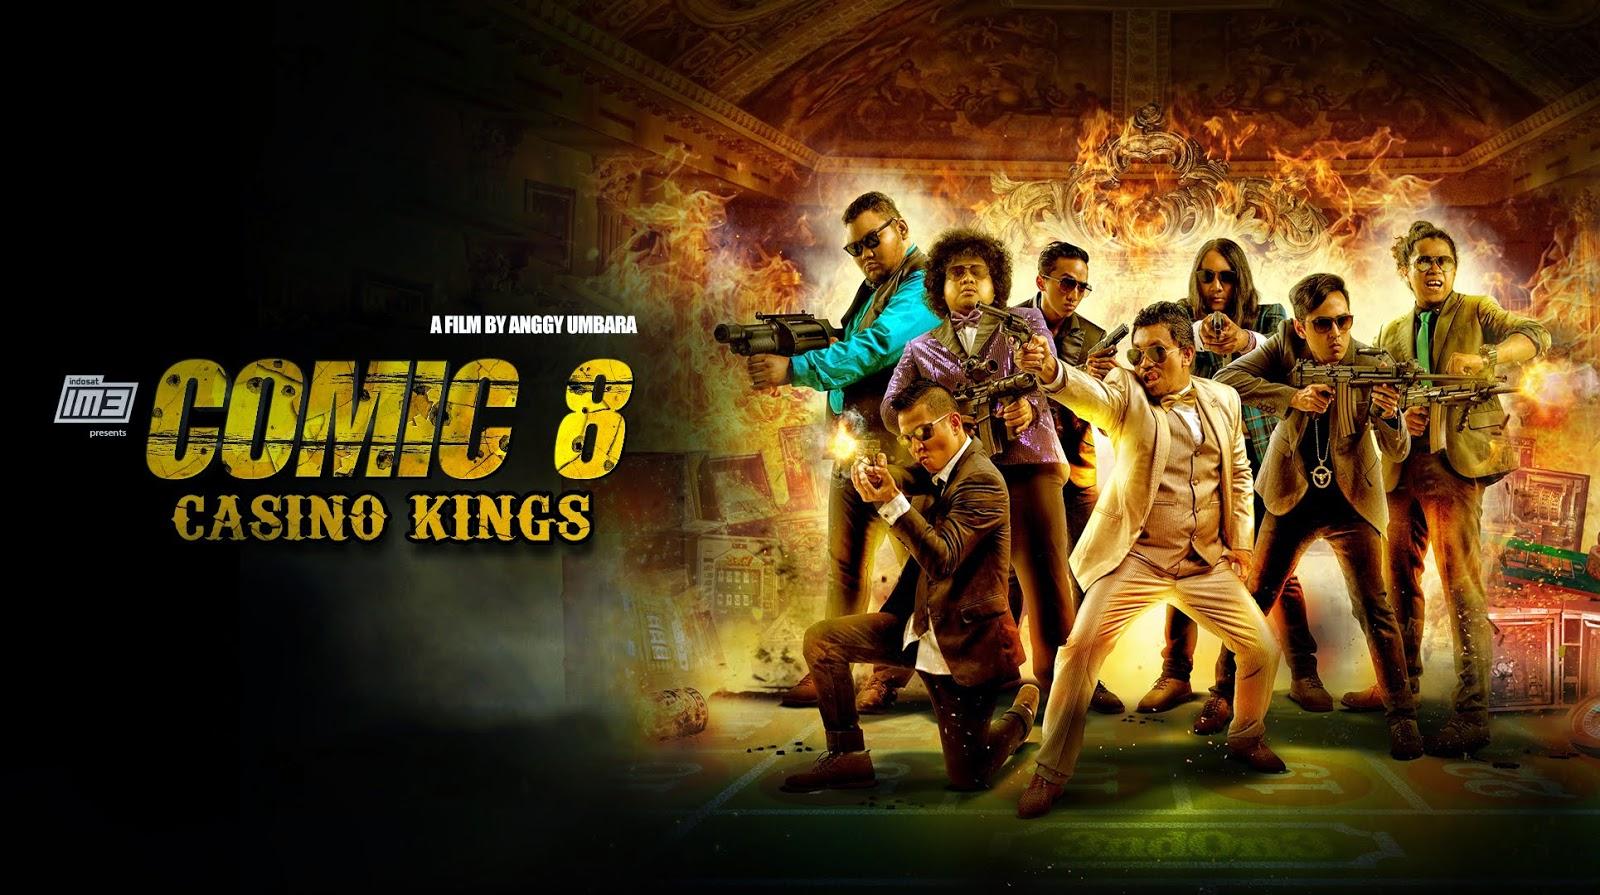 poster comic 8 casino kings